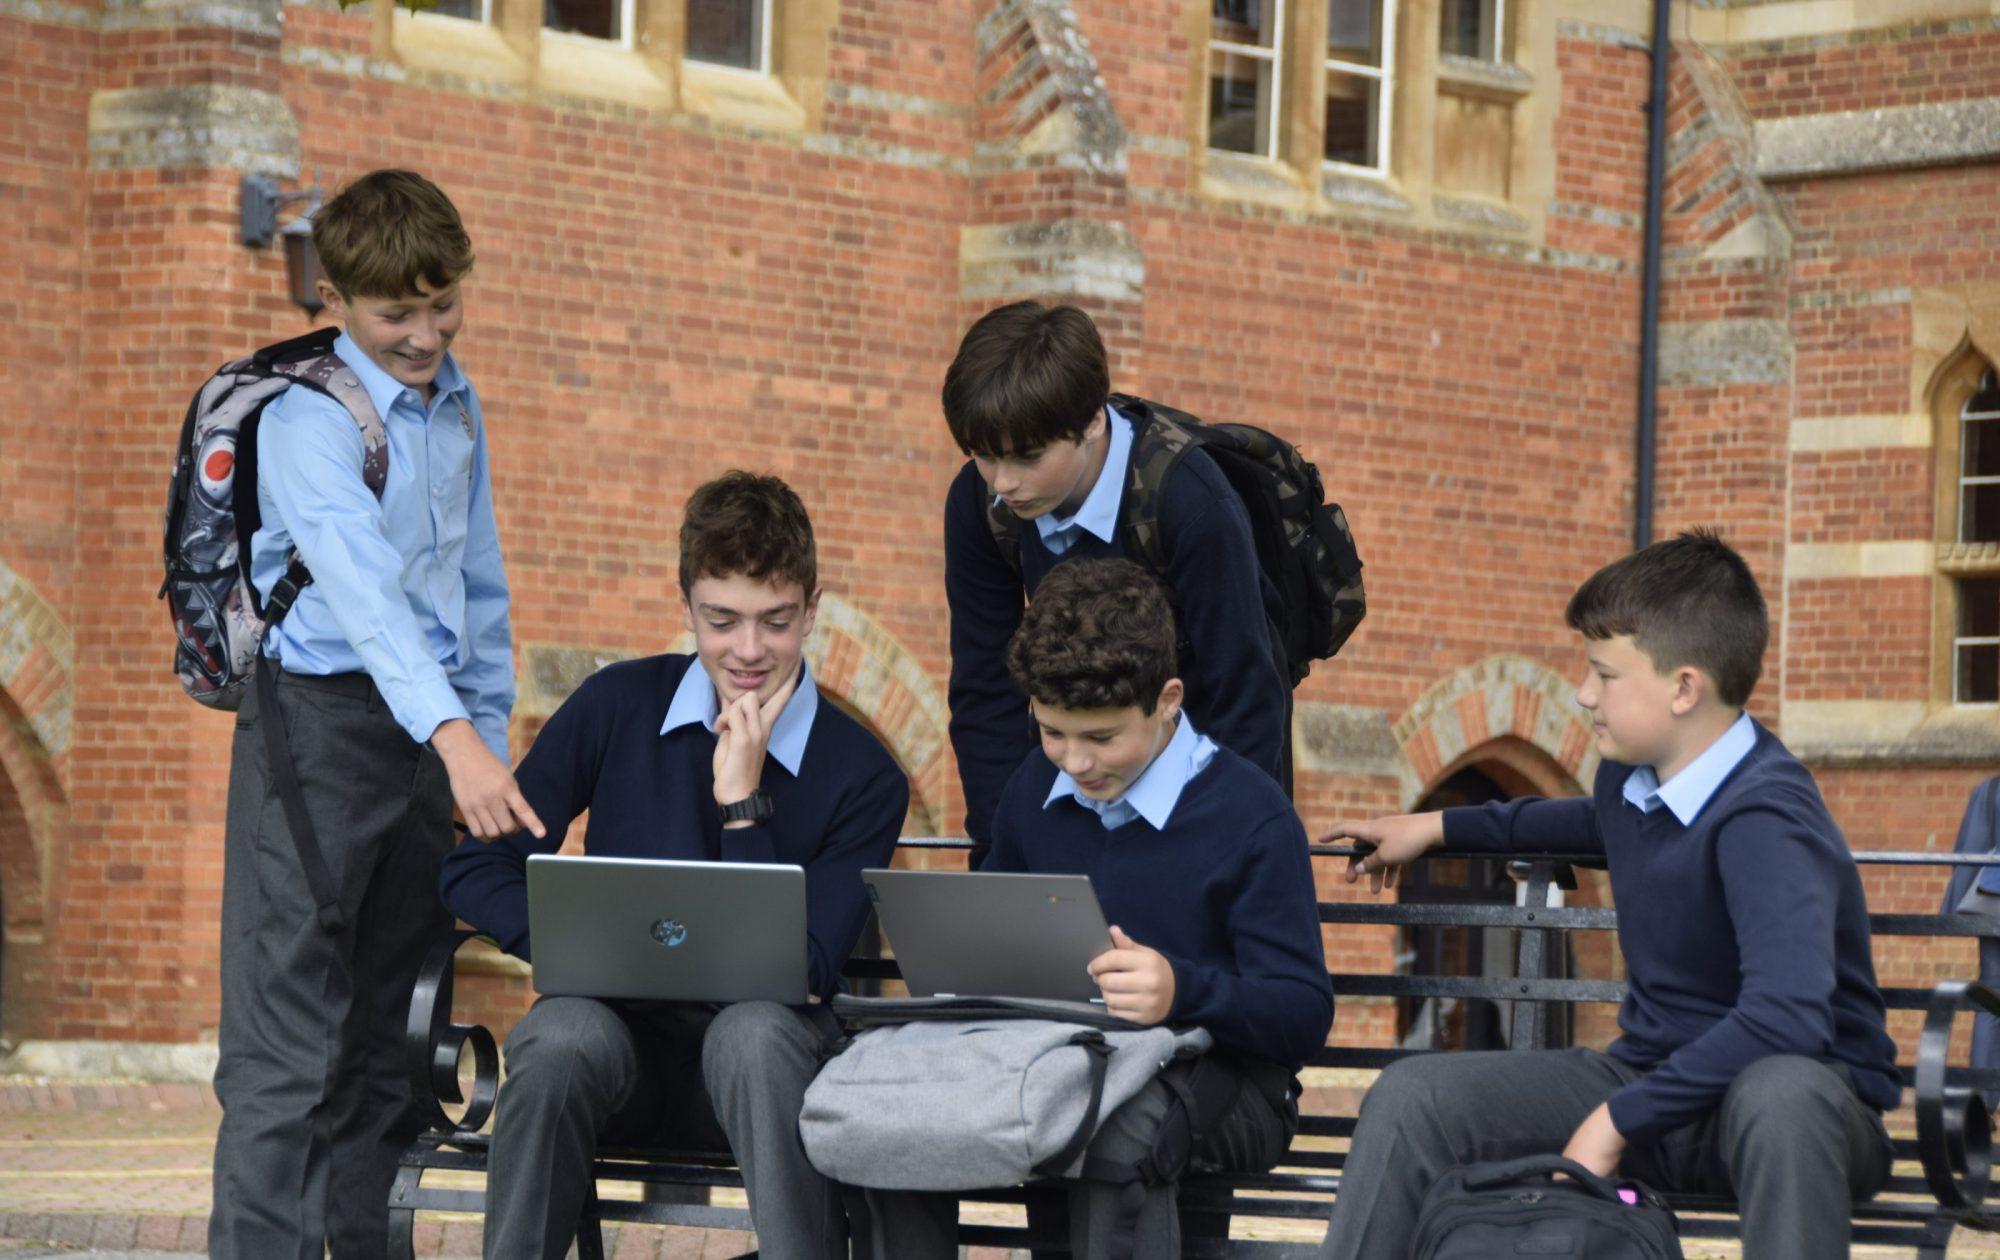 Abingdon School pupils laptops outside